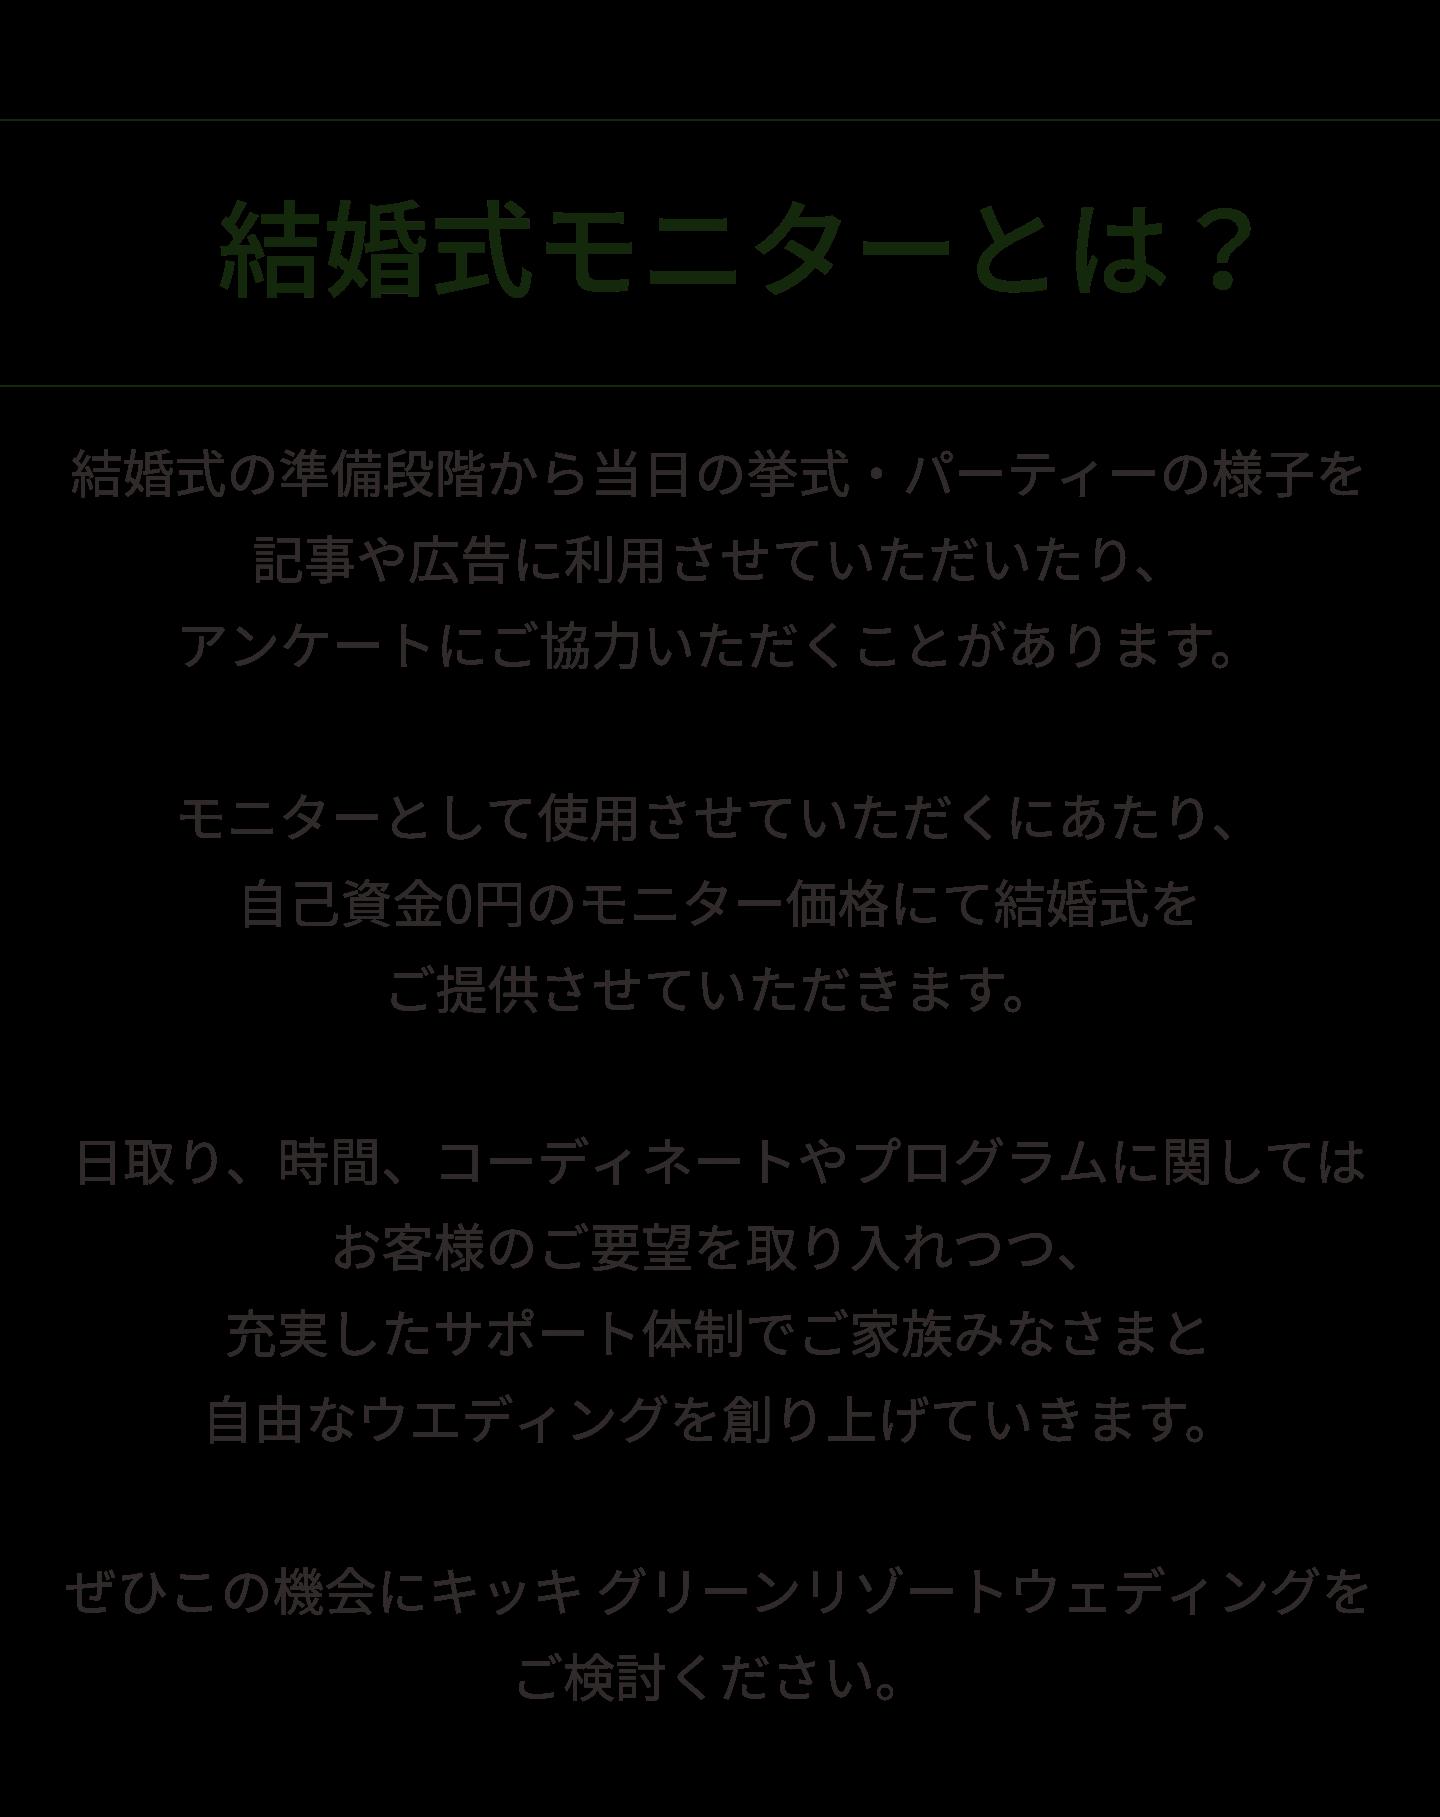 長崎結婚式場 KIKKI(キッキ)グリーンリゾートウェディング結婚式プレゼント